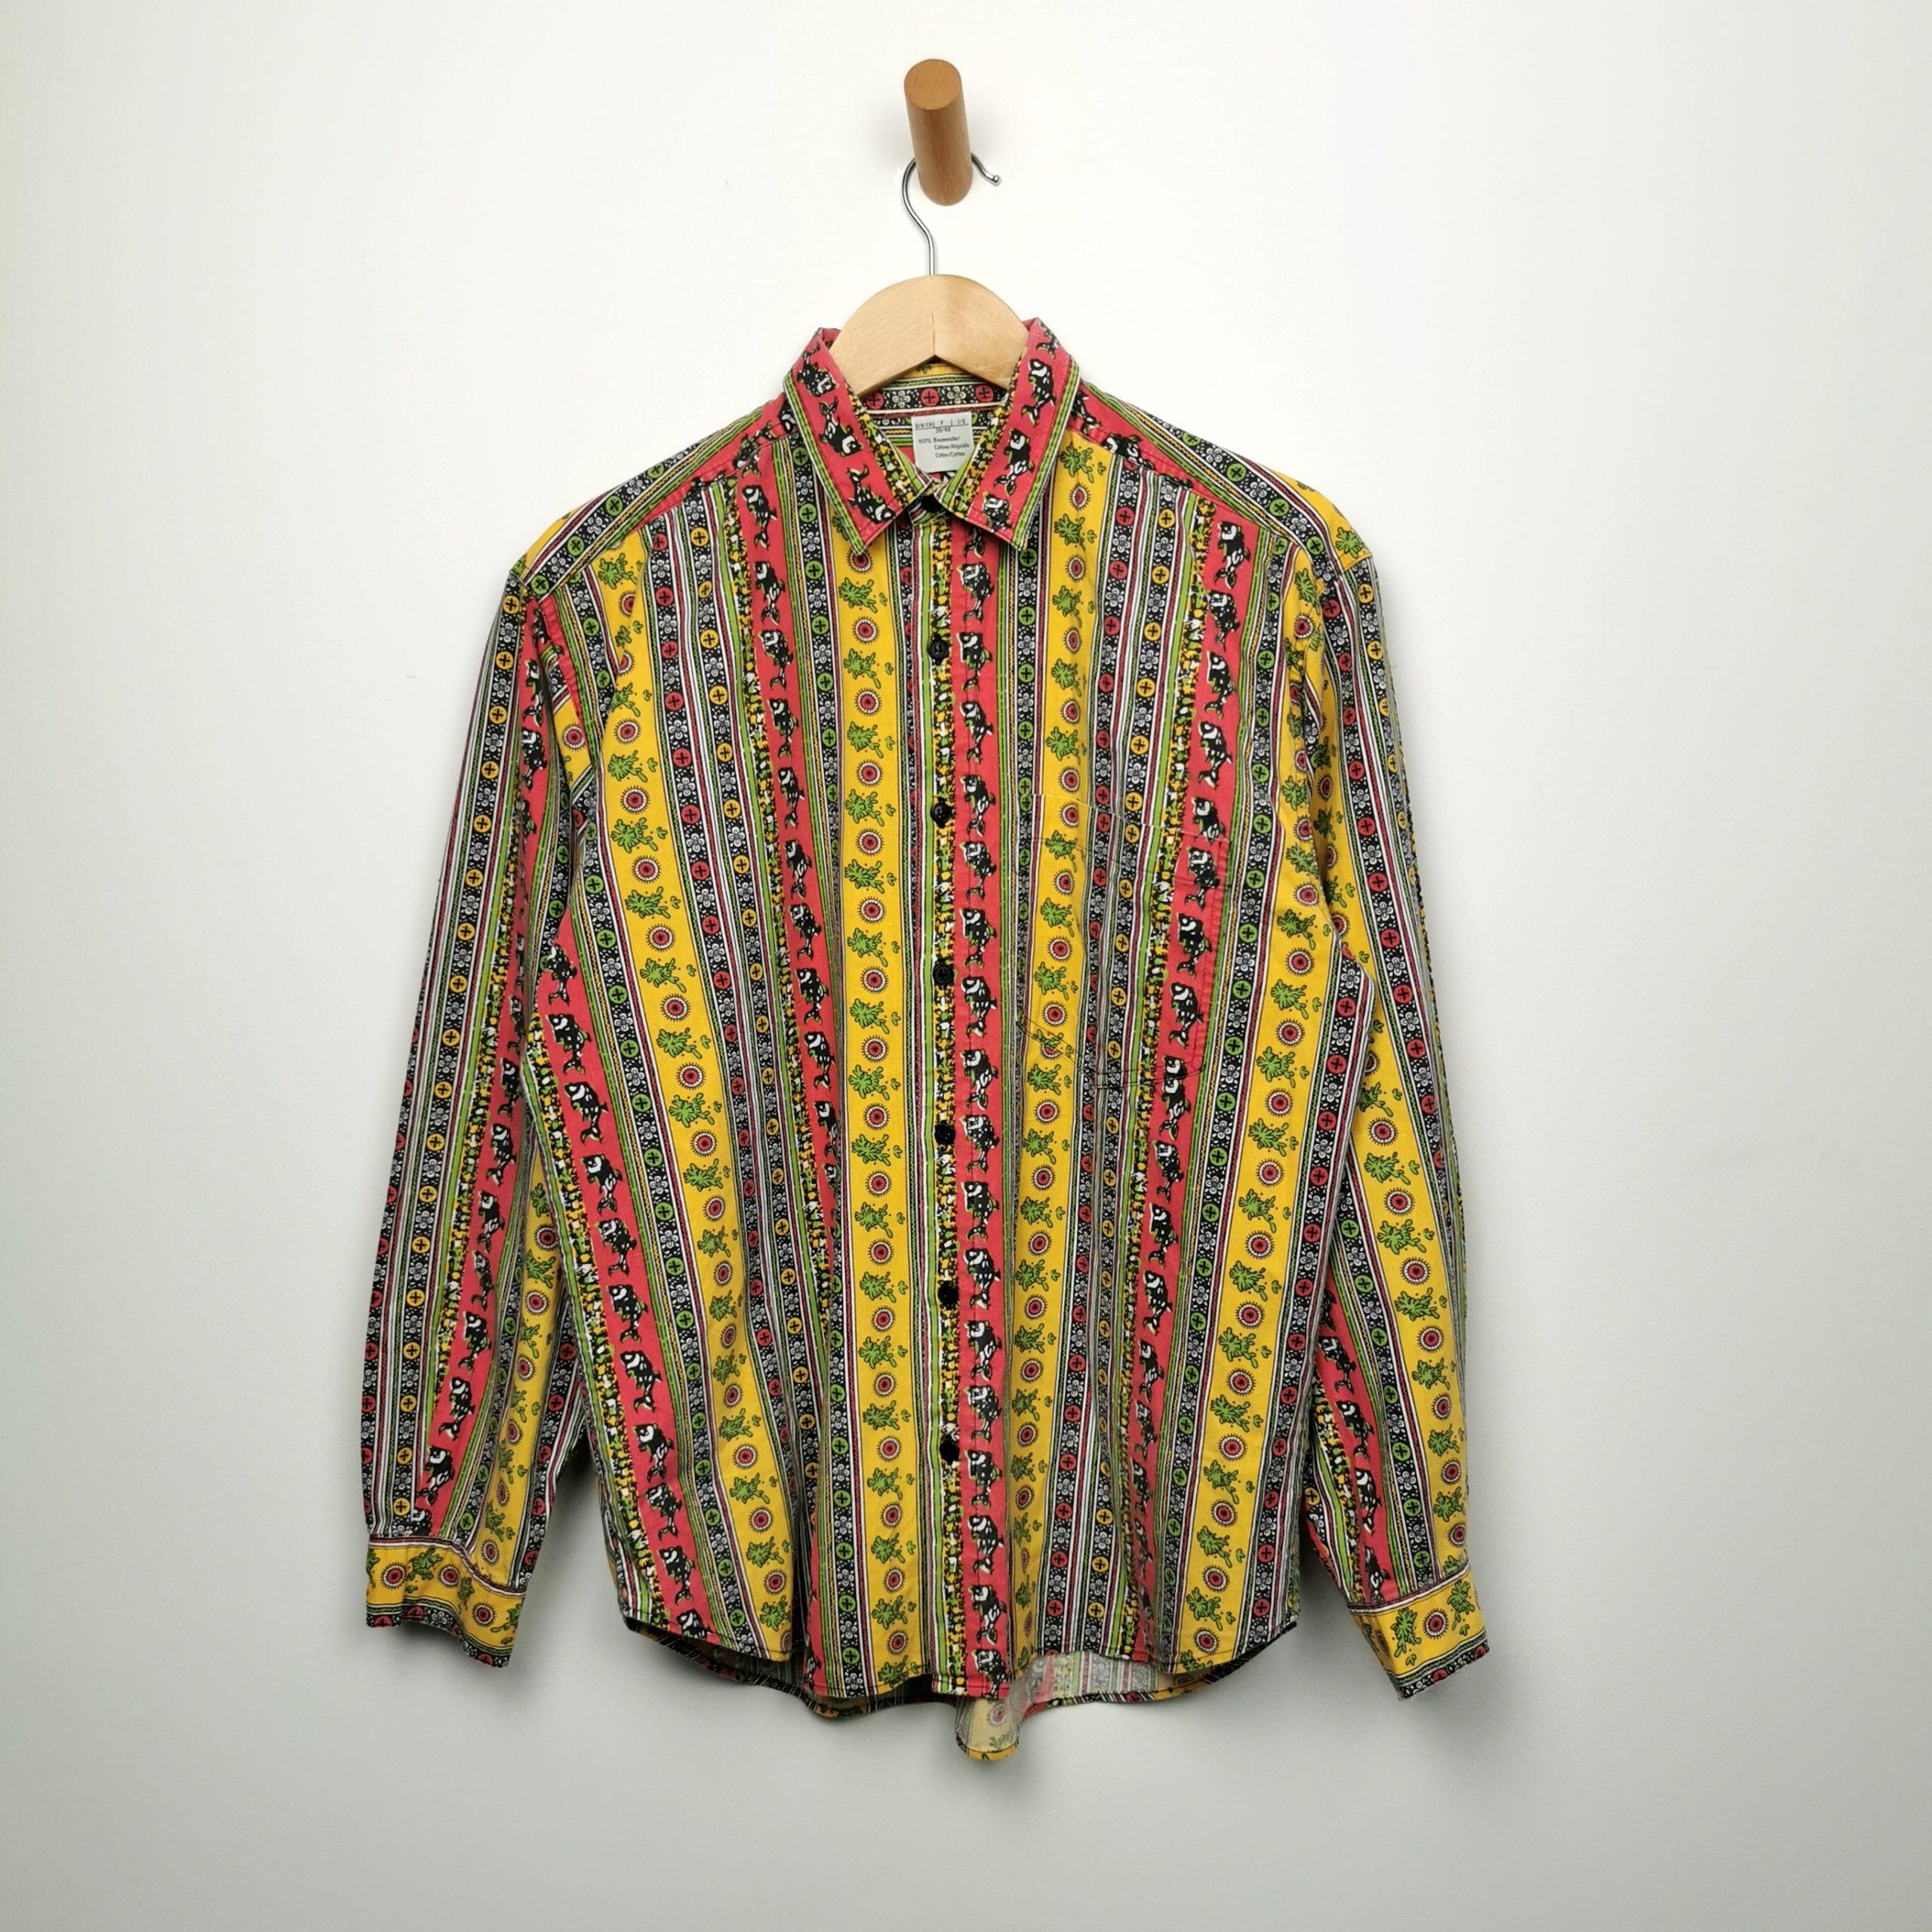 70er Herren Vintage Hippie Hemd Crazy Pattern Grosse M Cotton Shirts Studio 90 S Sportswear Vintage Fashion